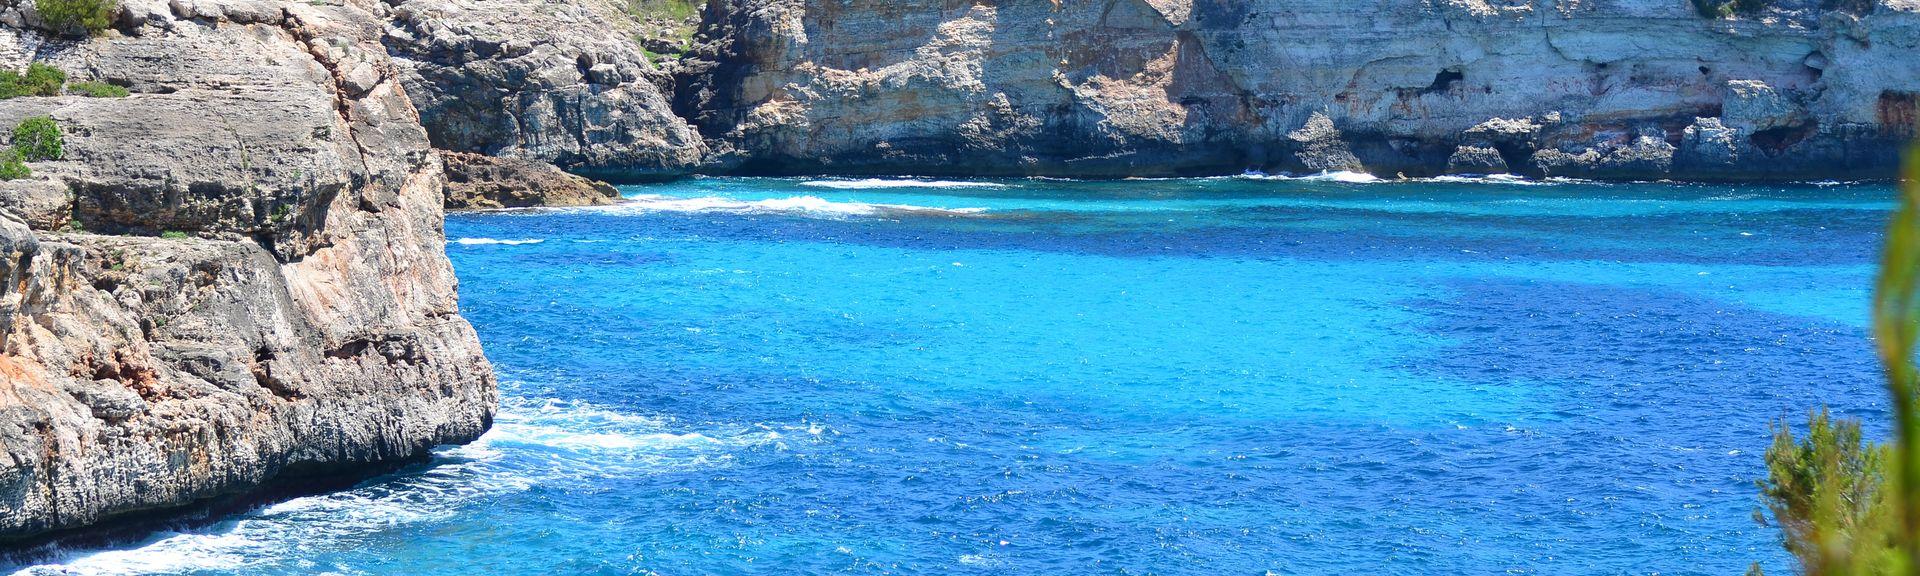 Élevage d'autruches Artestruz Mallorca, Campos, les Îles Baléares, Espagne